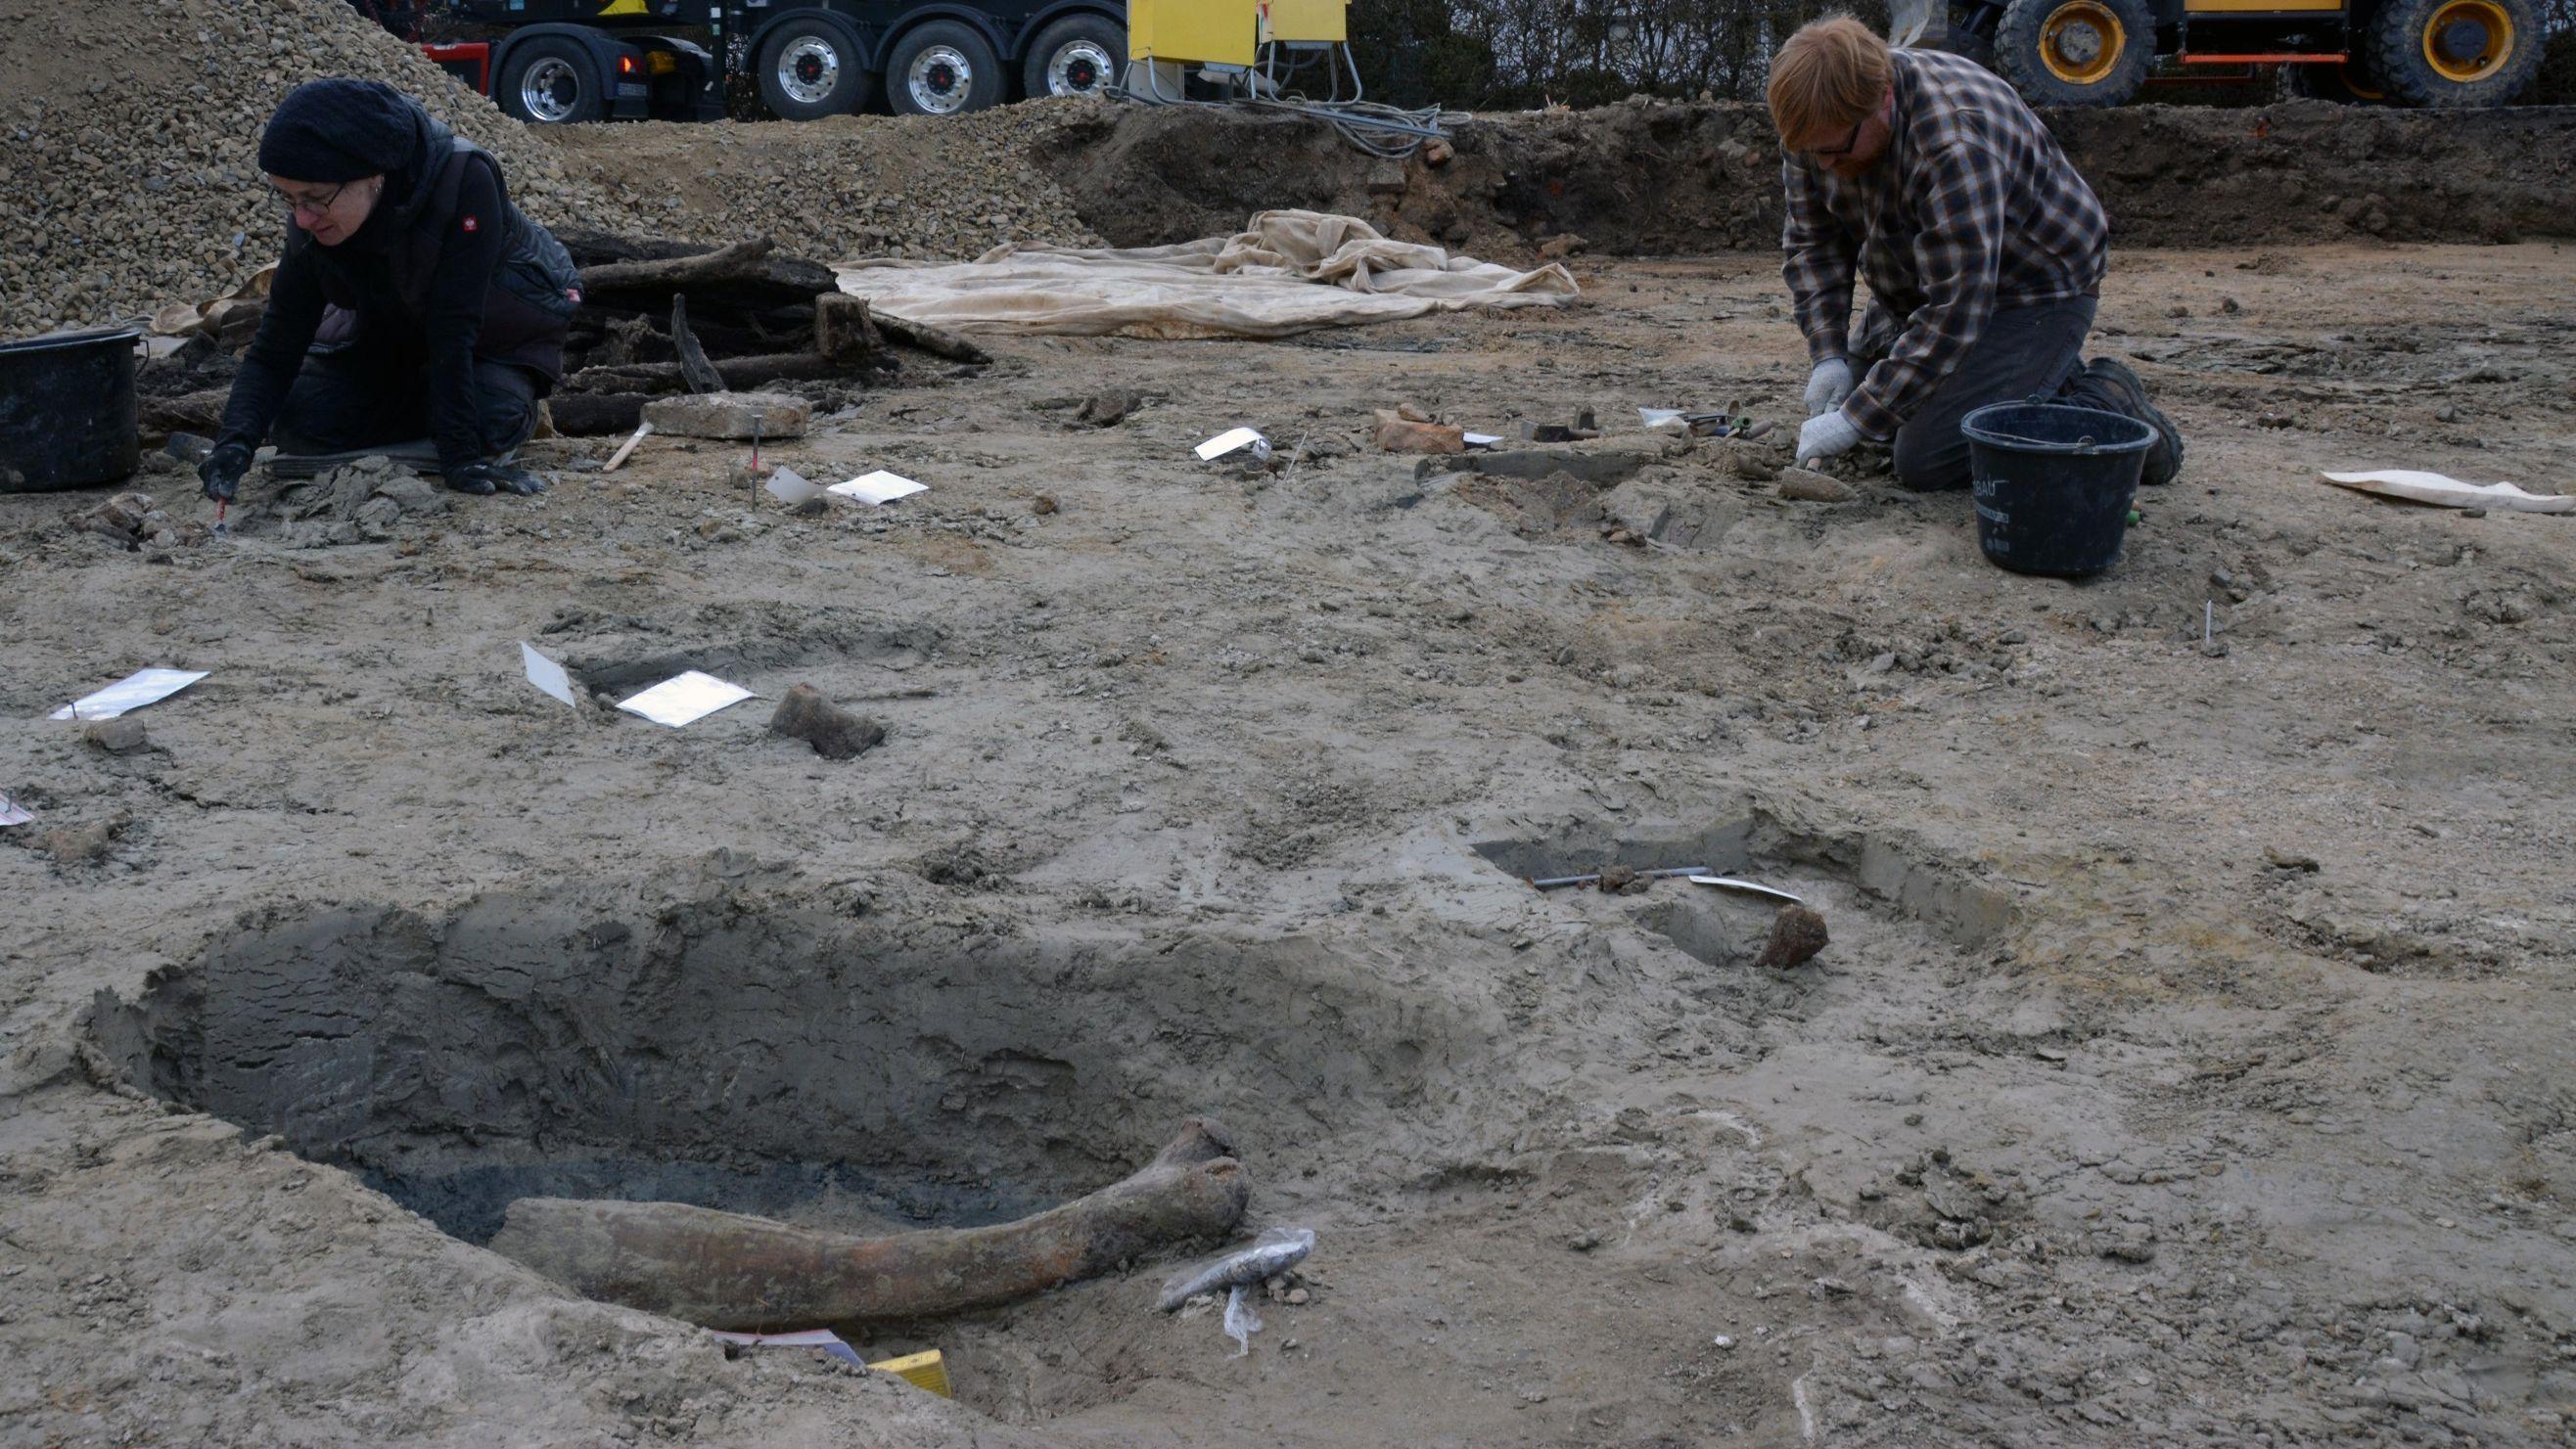 Die Grabungsstelle in Riekofen: Nach dem Stoßzahn sind weitere Mamutknochen gefunden worden.